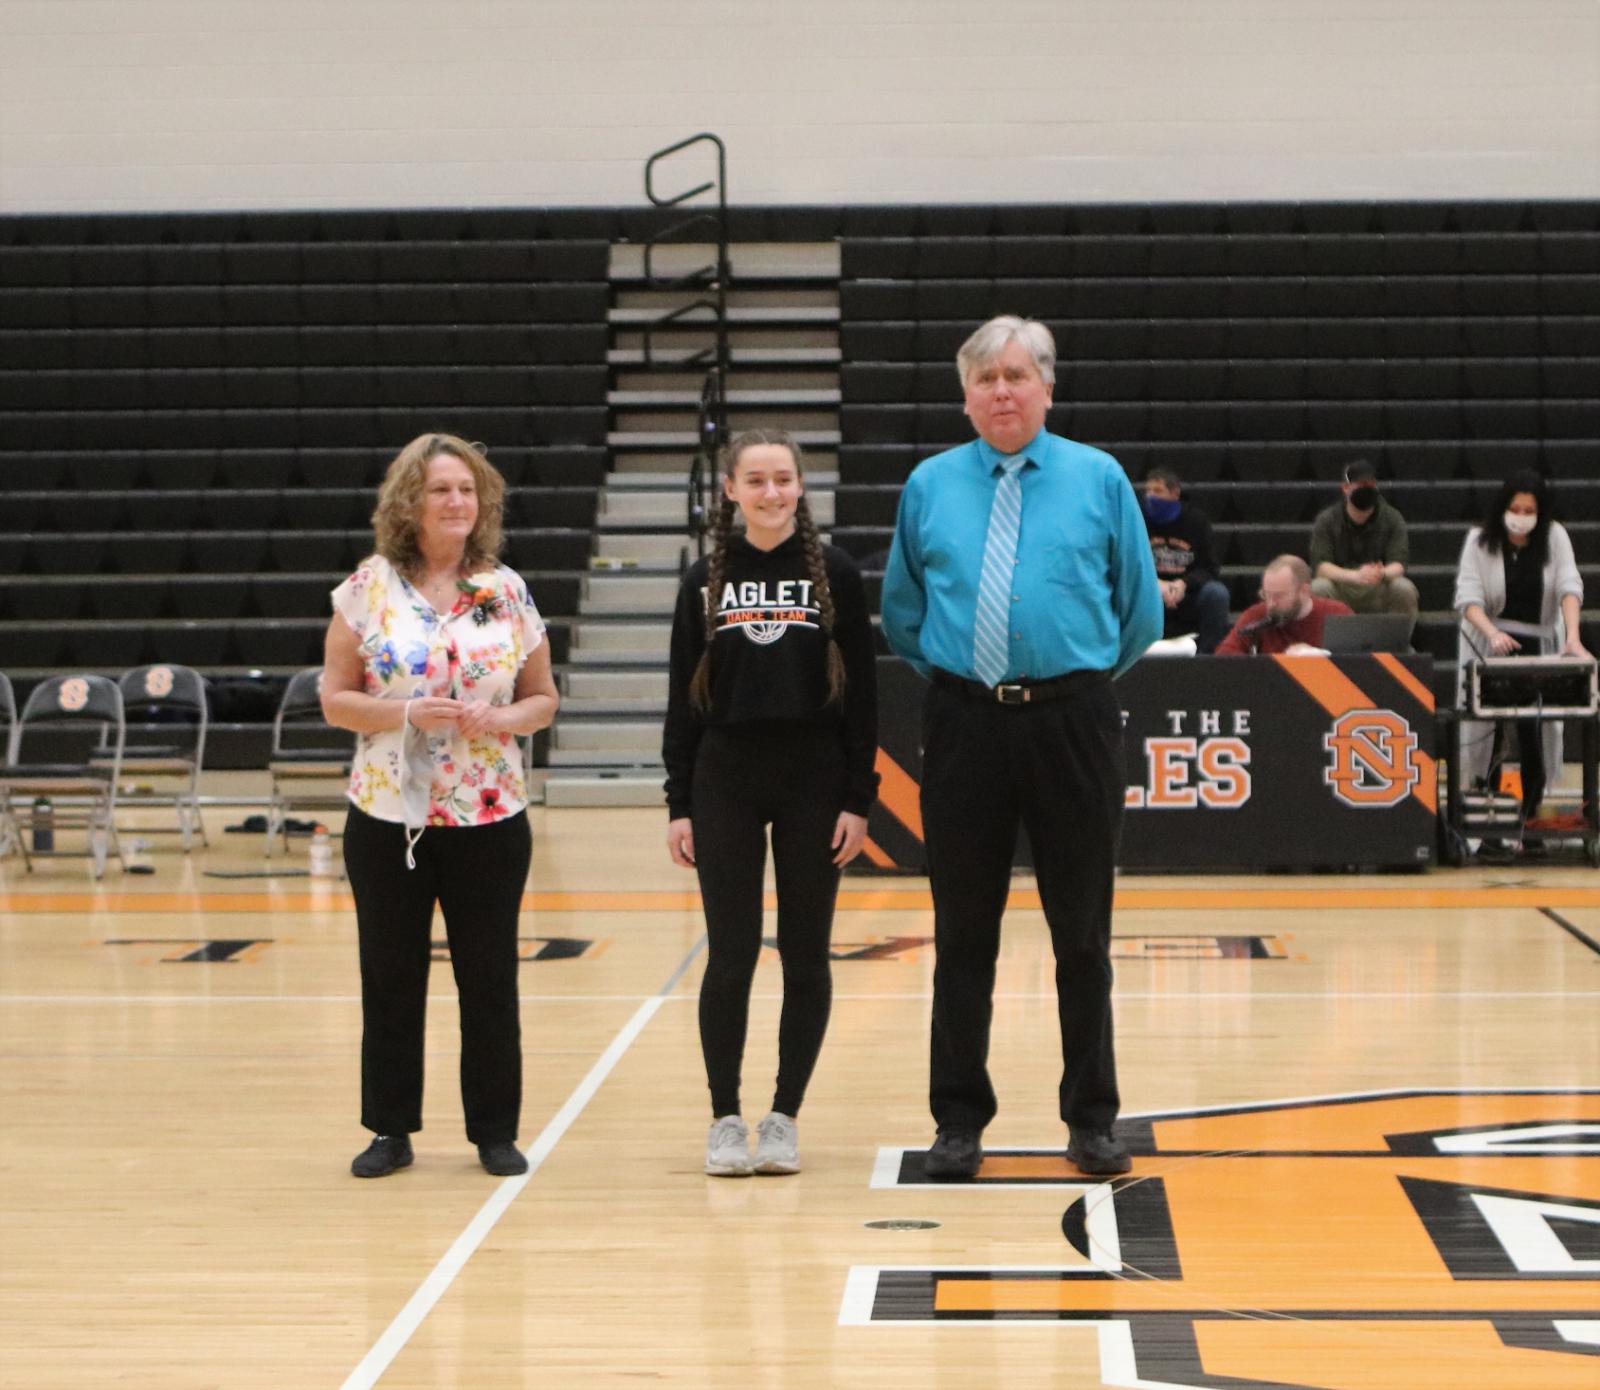 Eaglet Dance Team Seniors 2021